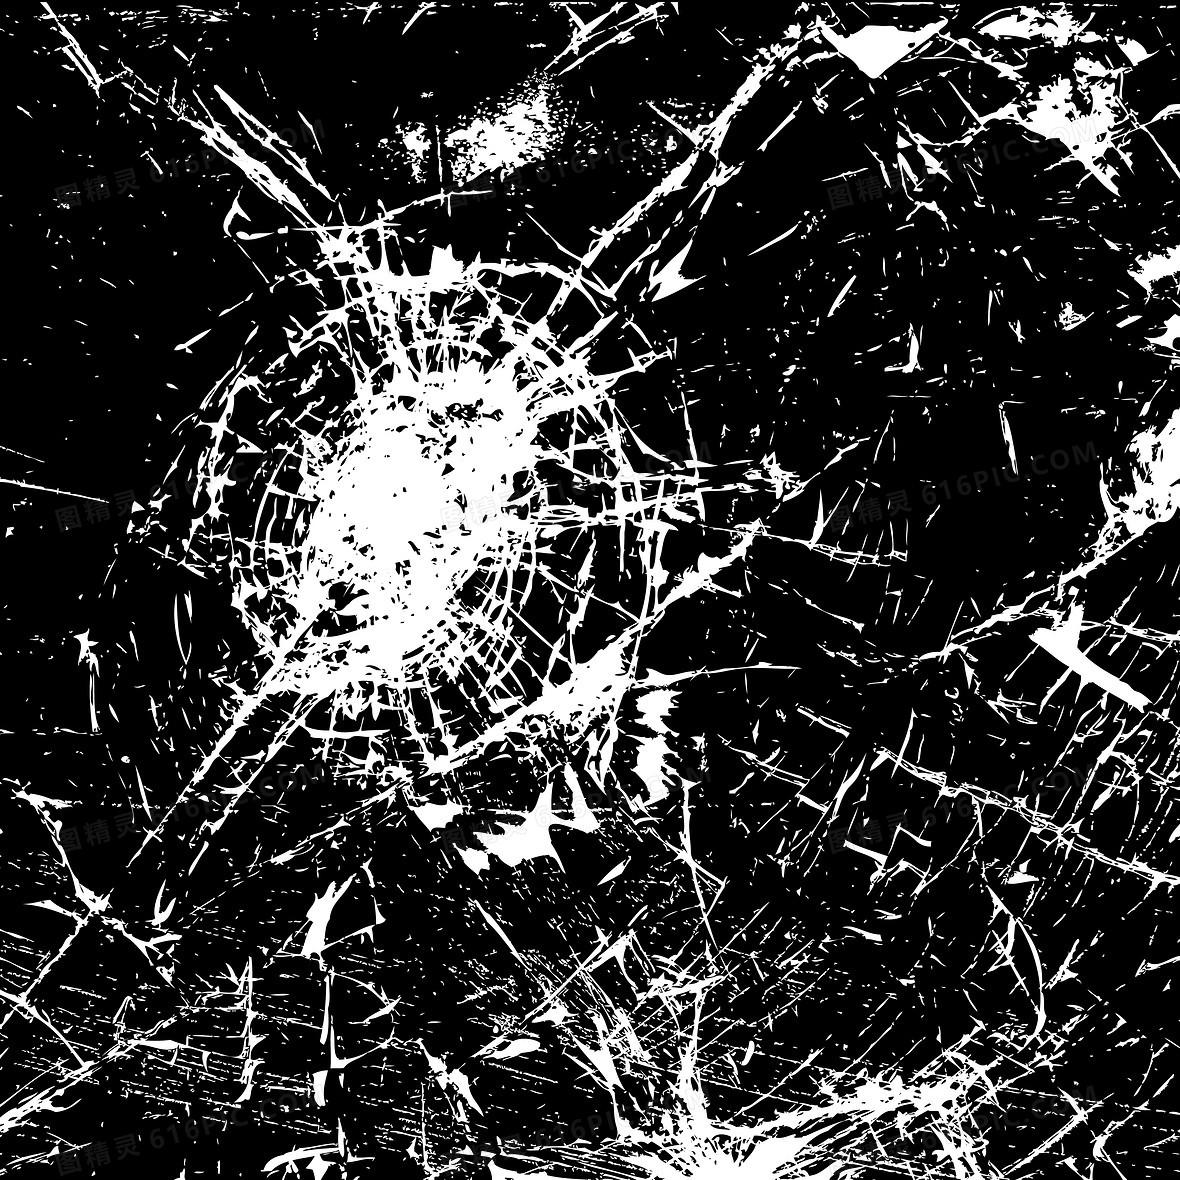 破玻璃碎素材背景